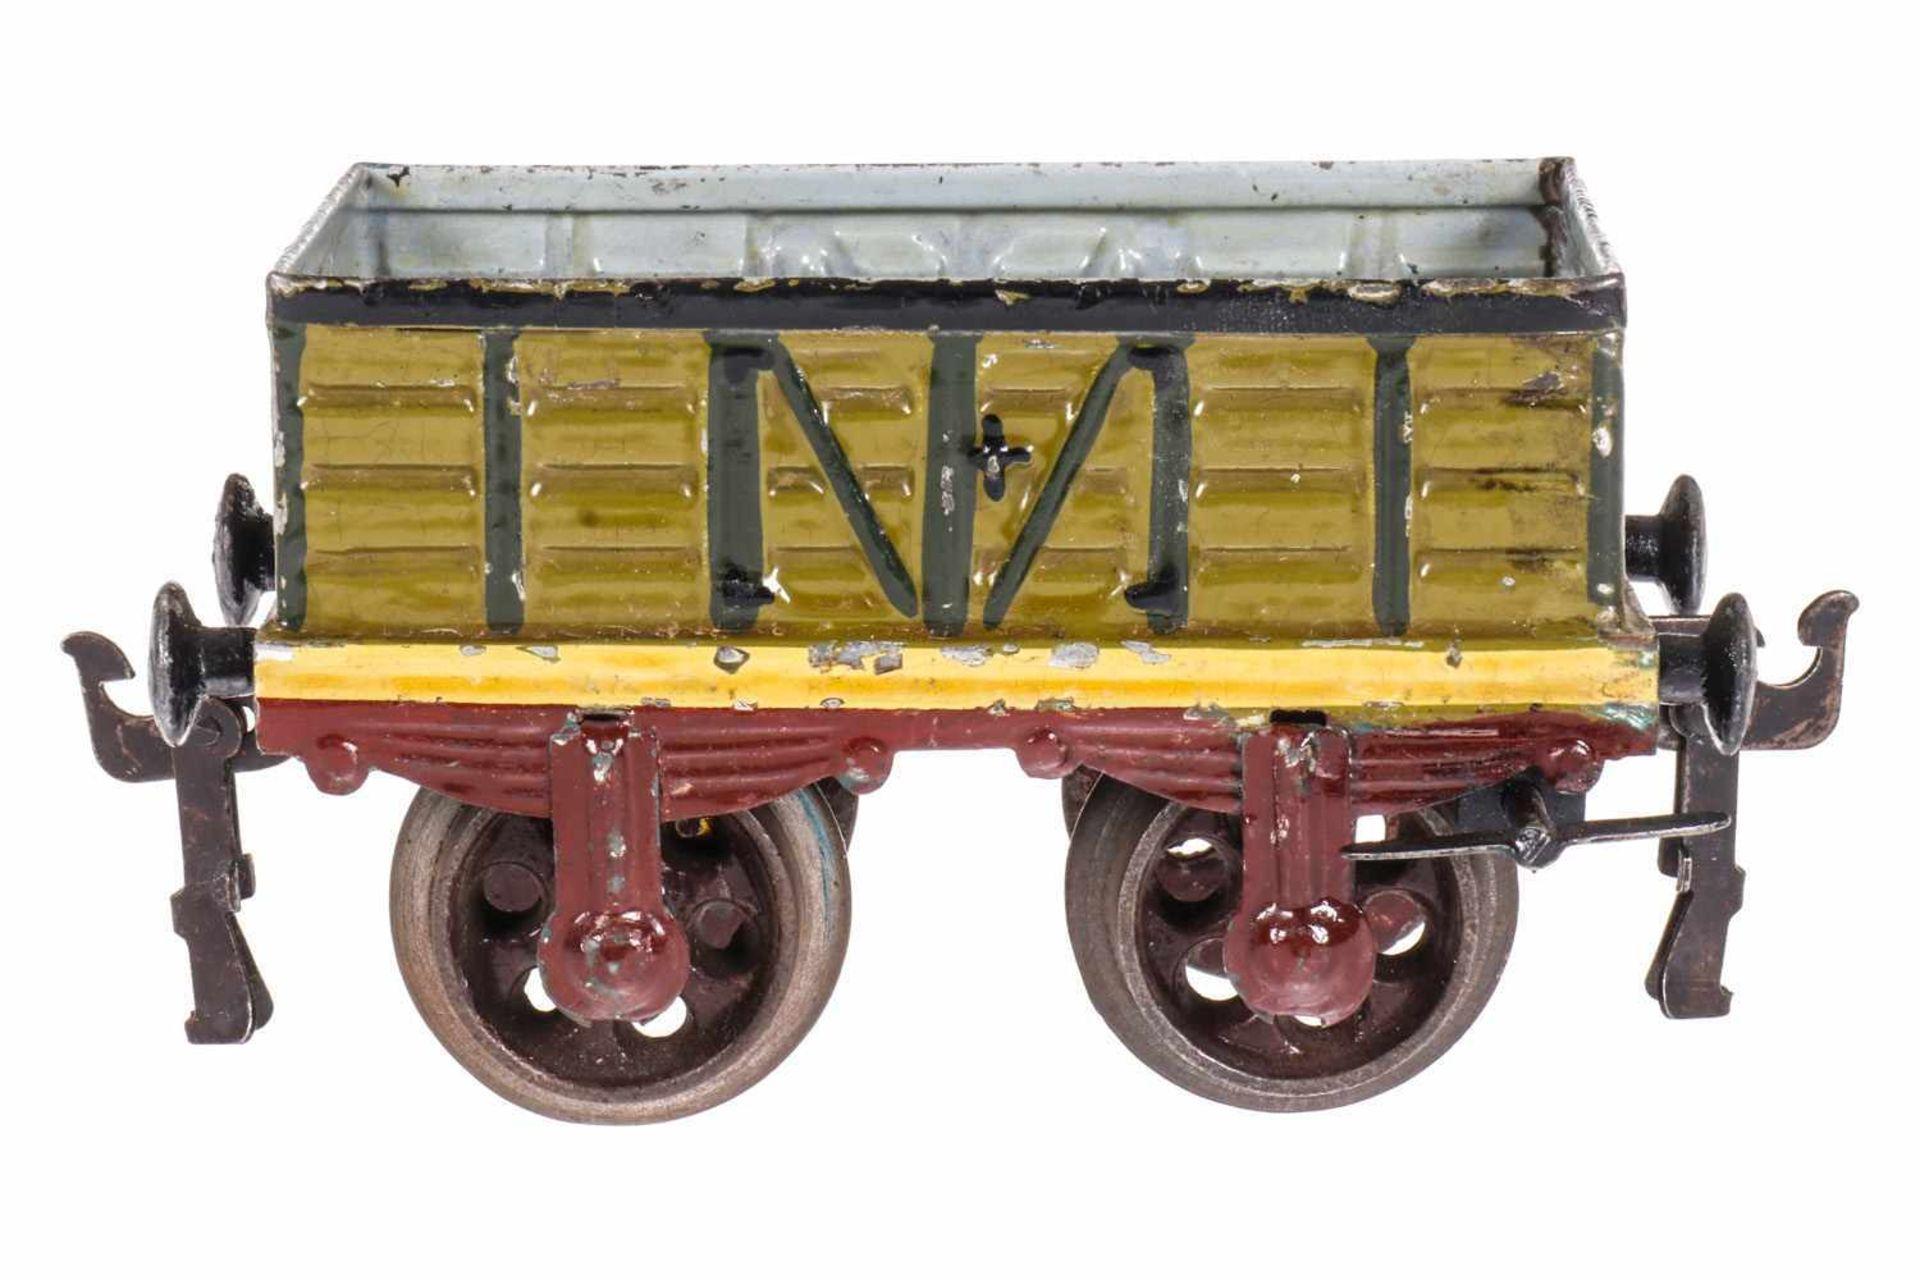 Märklin offener Güterwagen mit automatischer Bremse 1820, S 1, uralt, HL, L 13, Z 2